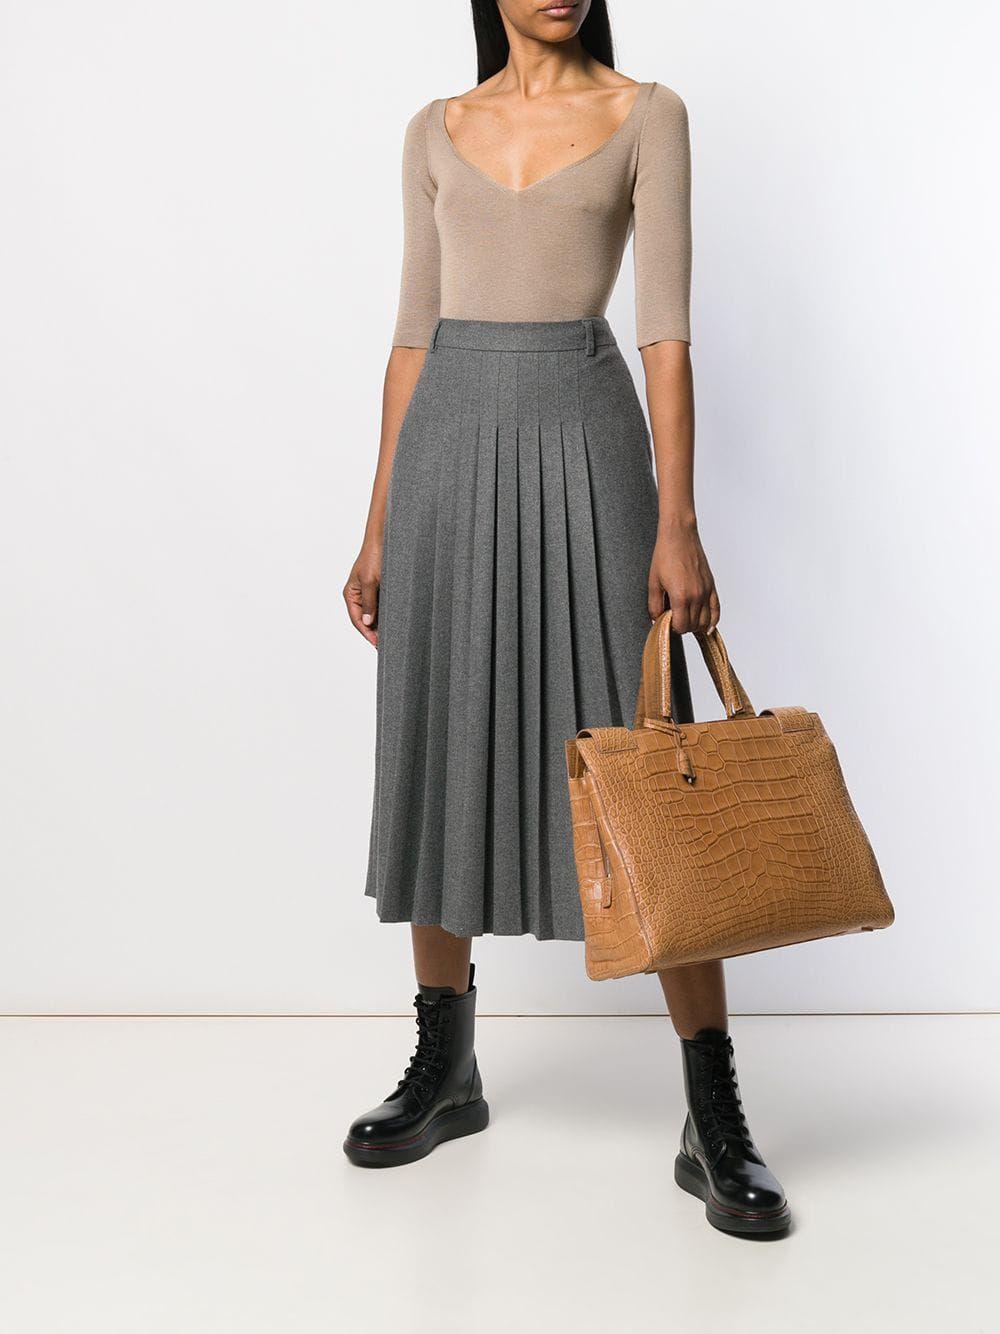 Ova Pradina torba najskuplji je komad u dizajnerskom online shopu